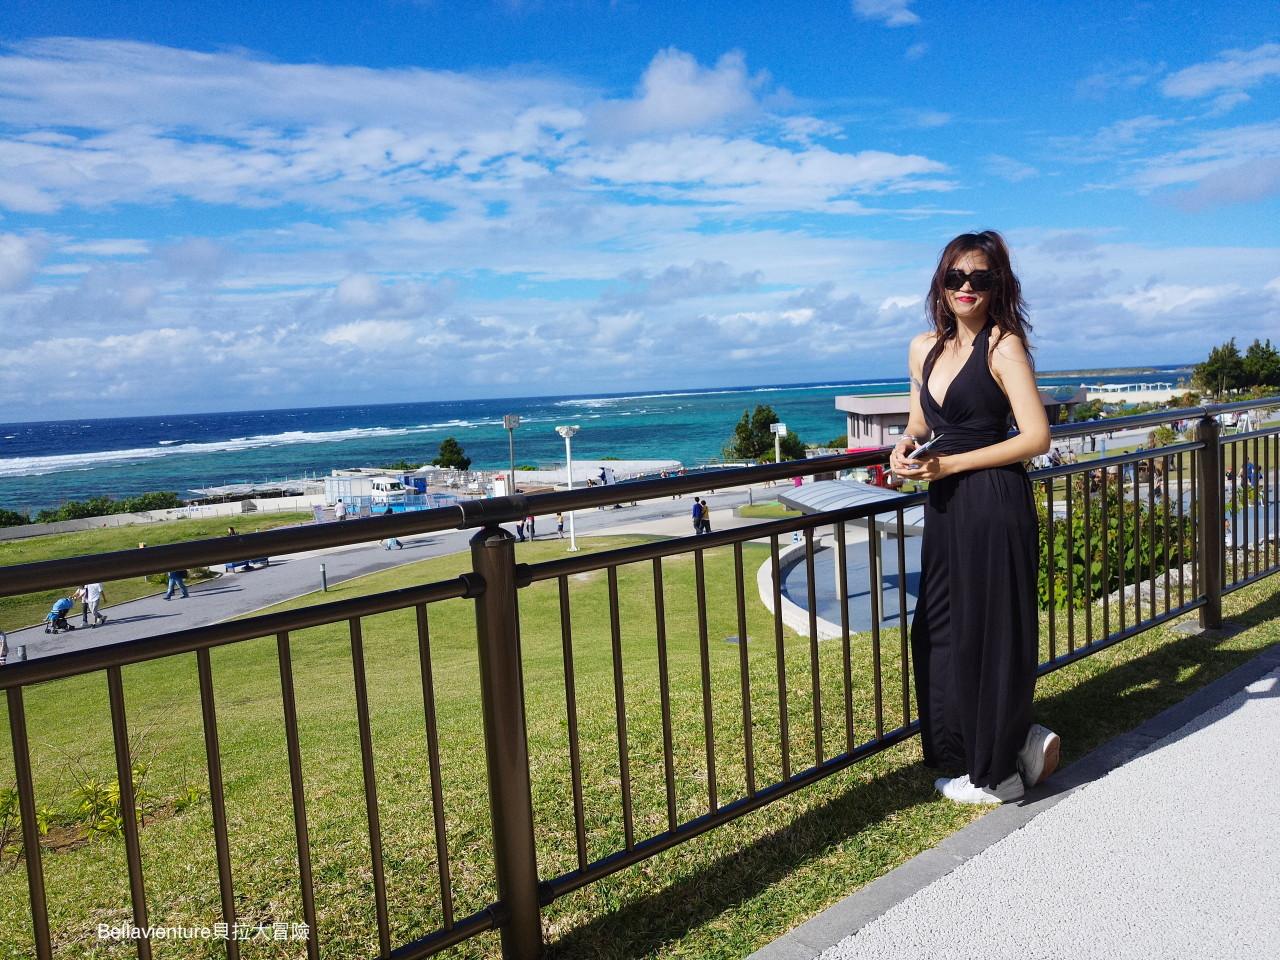 沖繩 美麗海水族館 平台